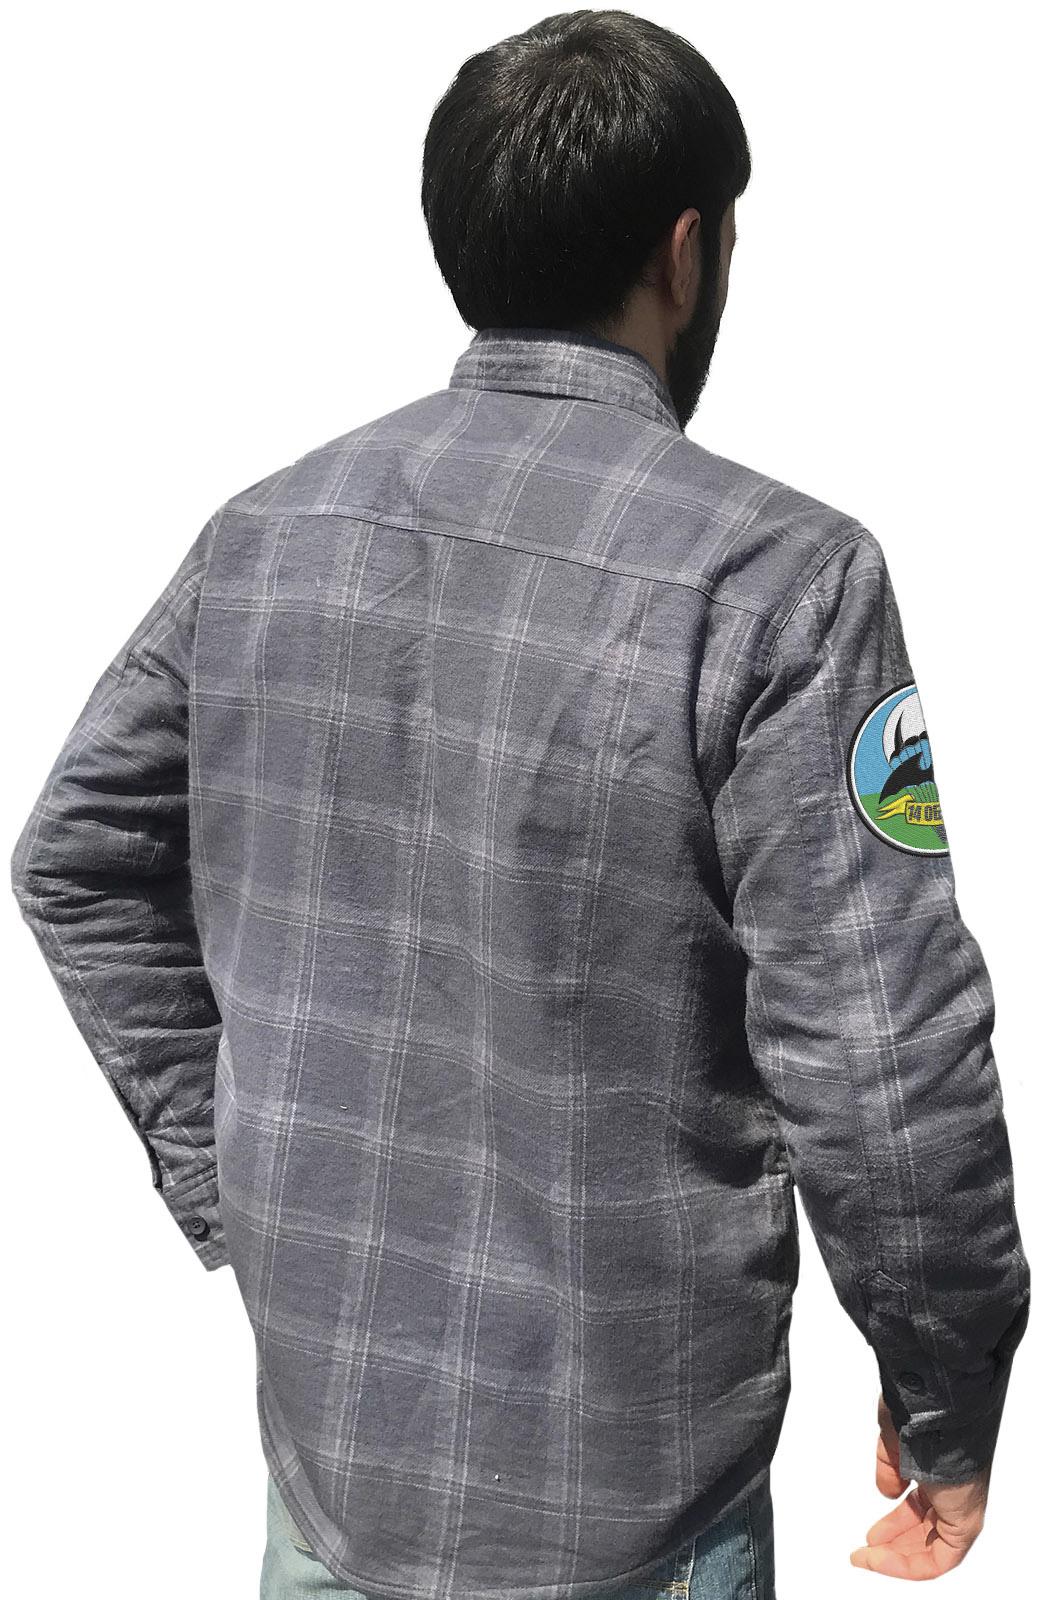 Мужская рубашка с шевроном 14 ОБрСпН заказать в подарок